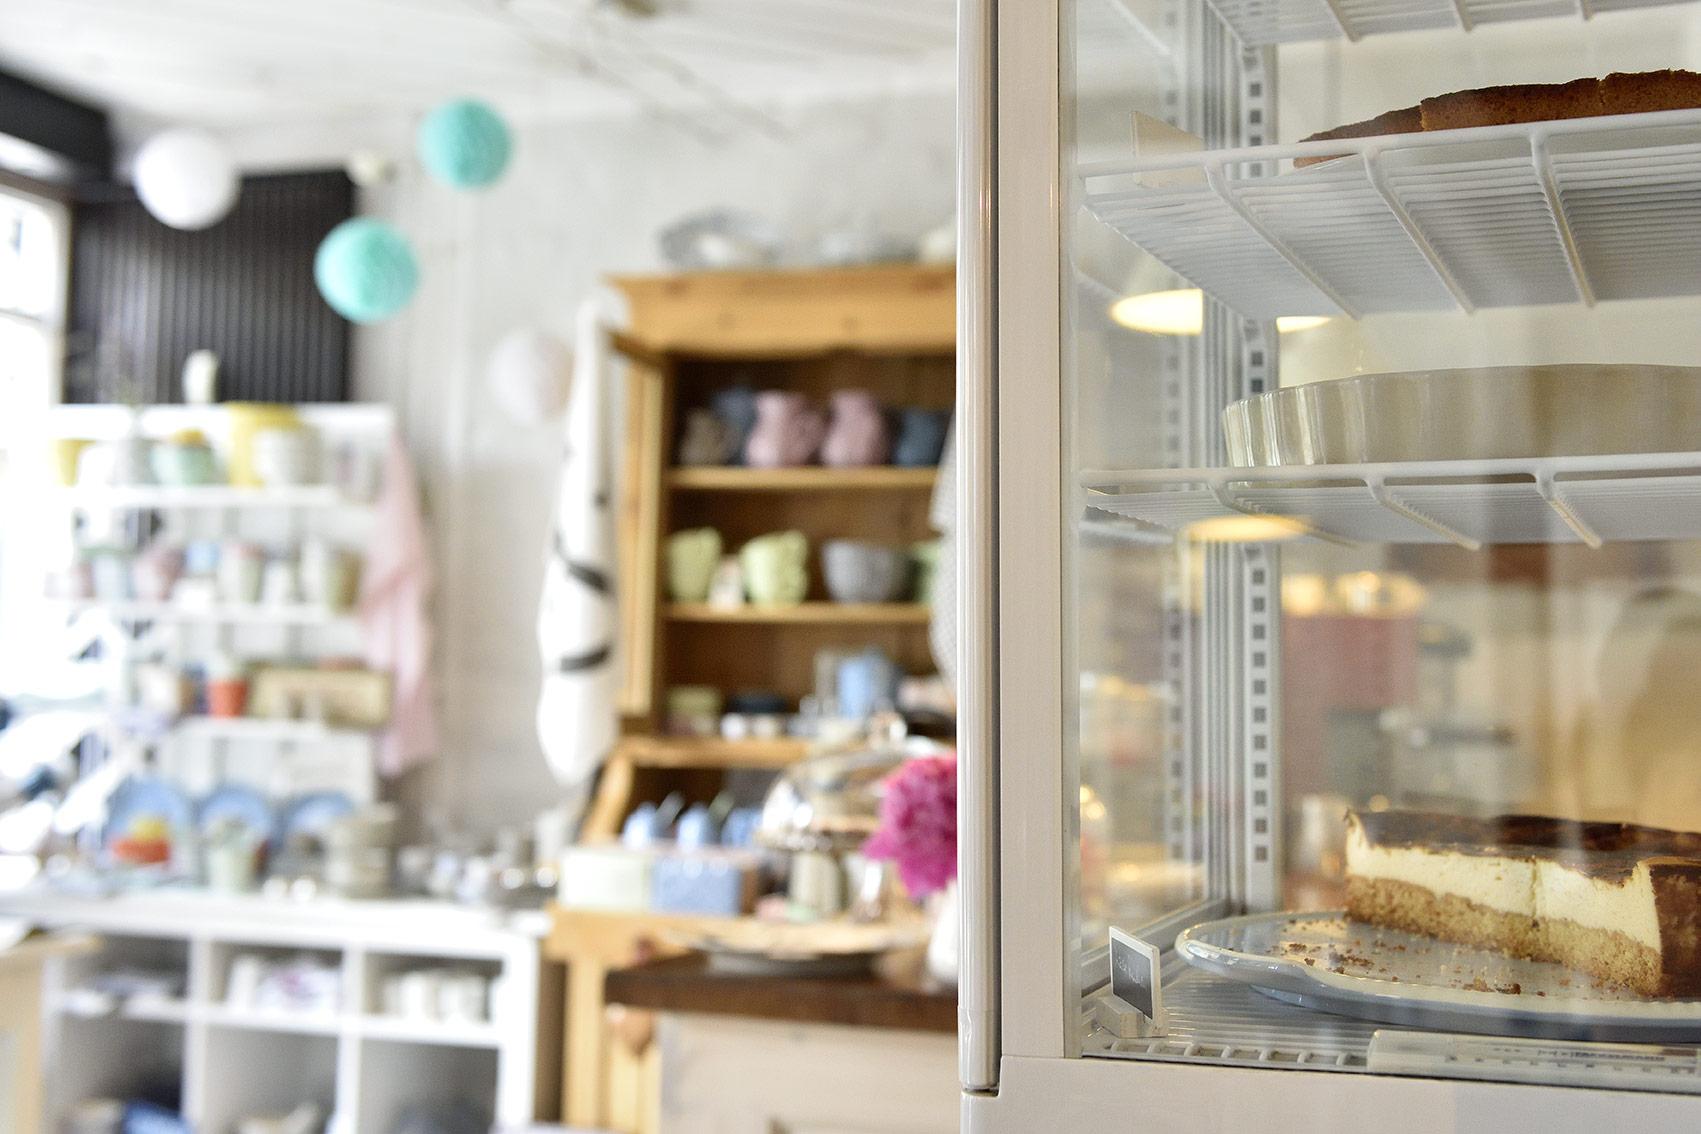 Jeden Tag gibt es selbstgebackenen Kuchen, je nach Saison schweren oder leichten, mit Obst oder ohne. Foto: BSM/Daniel Möller